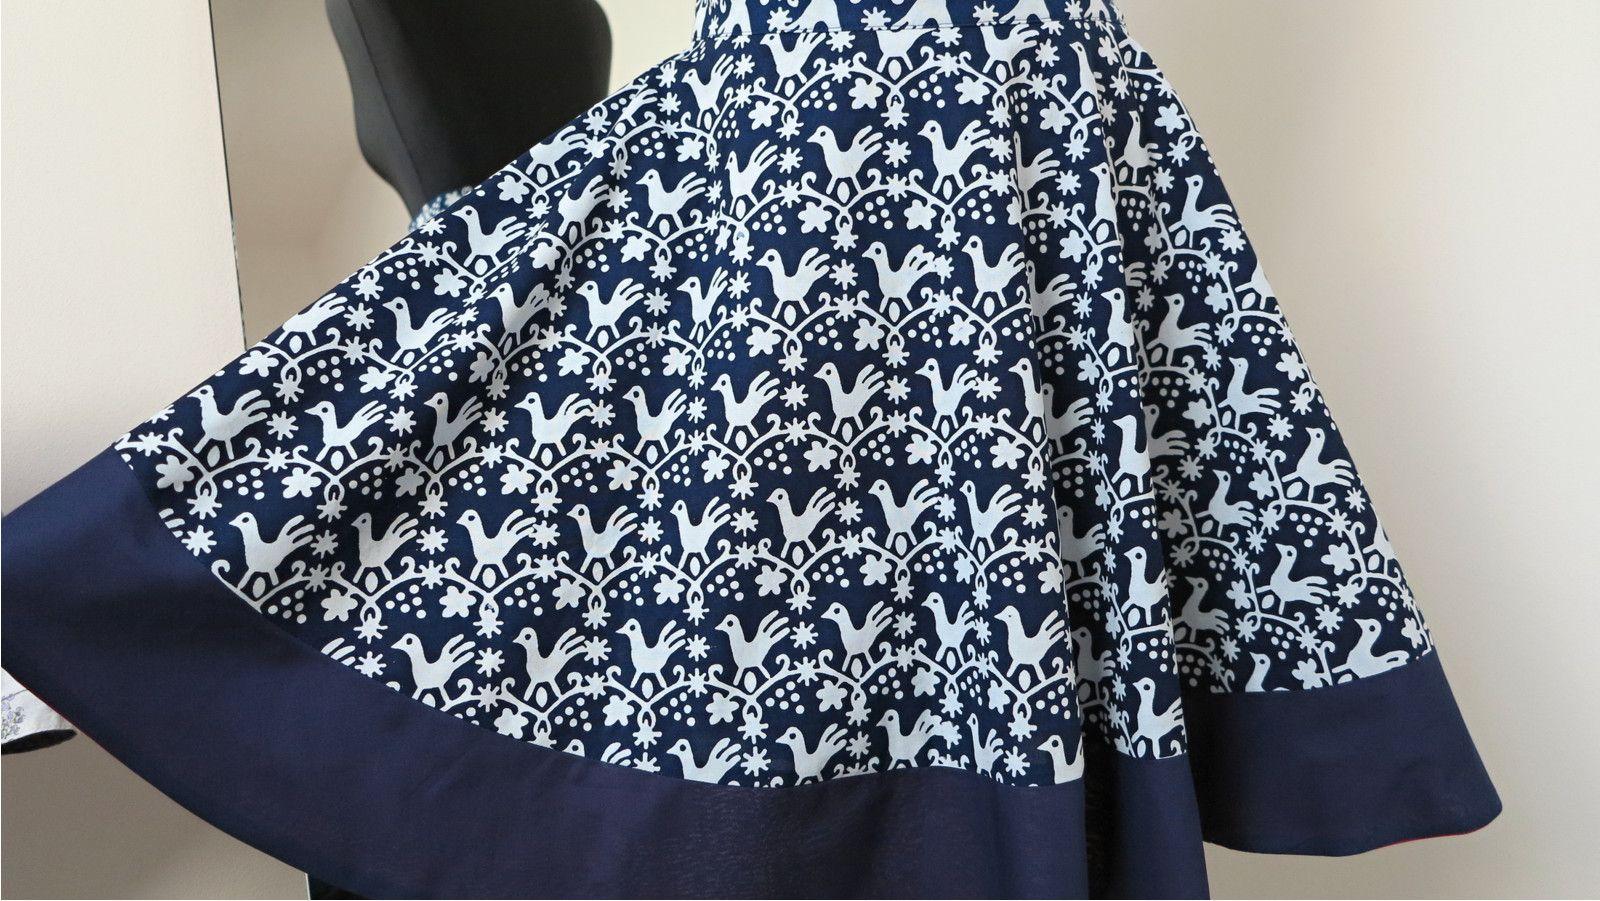 f678eac78d7a sukně+dokola+s+holoubky+a+lemem+modrotisková+ušila+jsem+kolovou+ ...